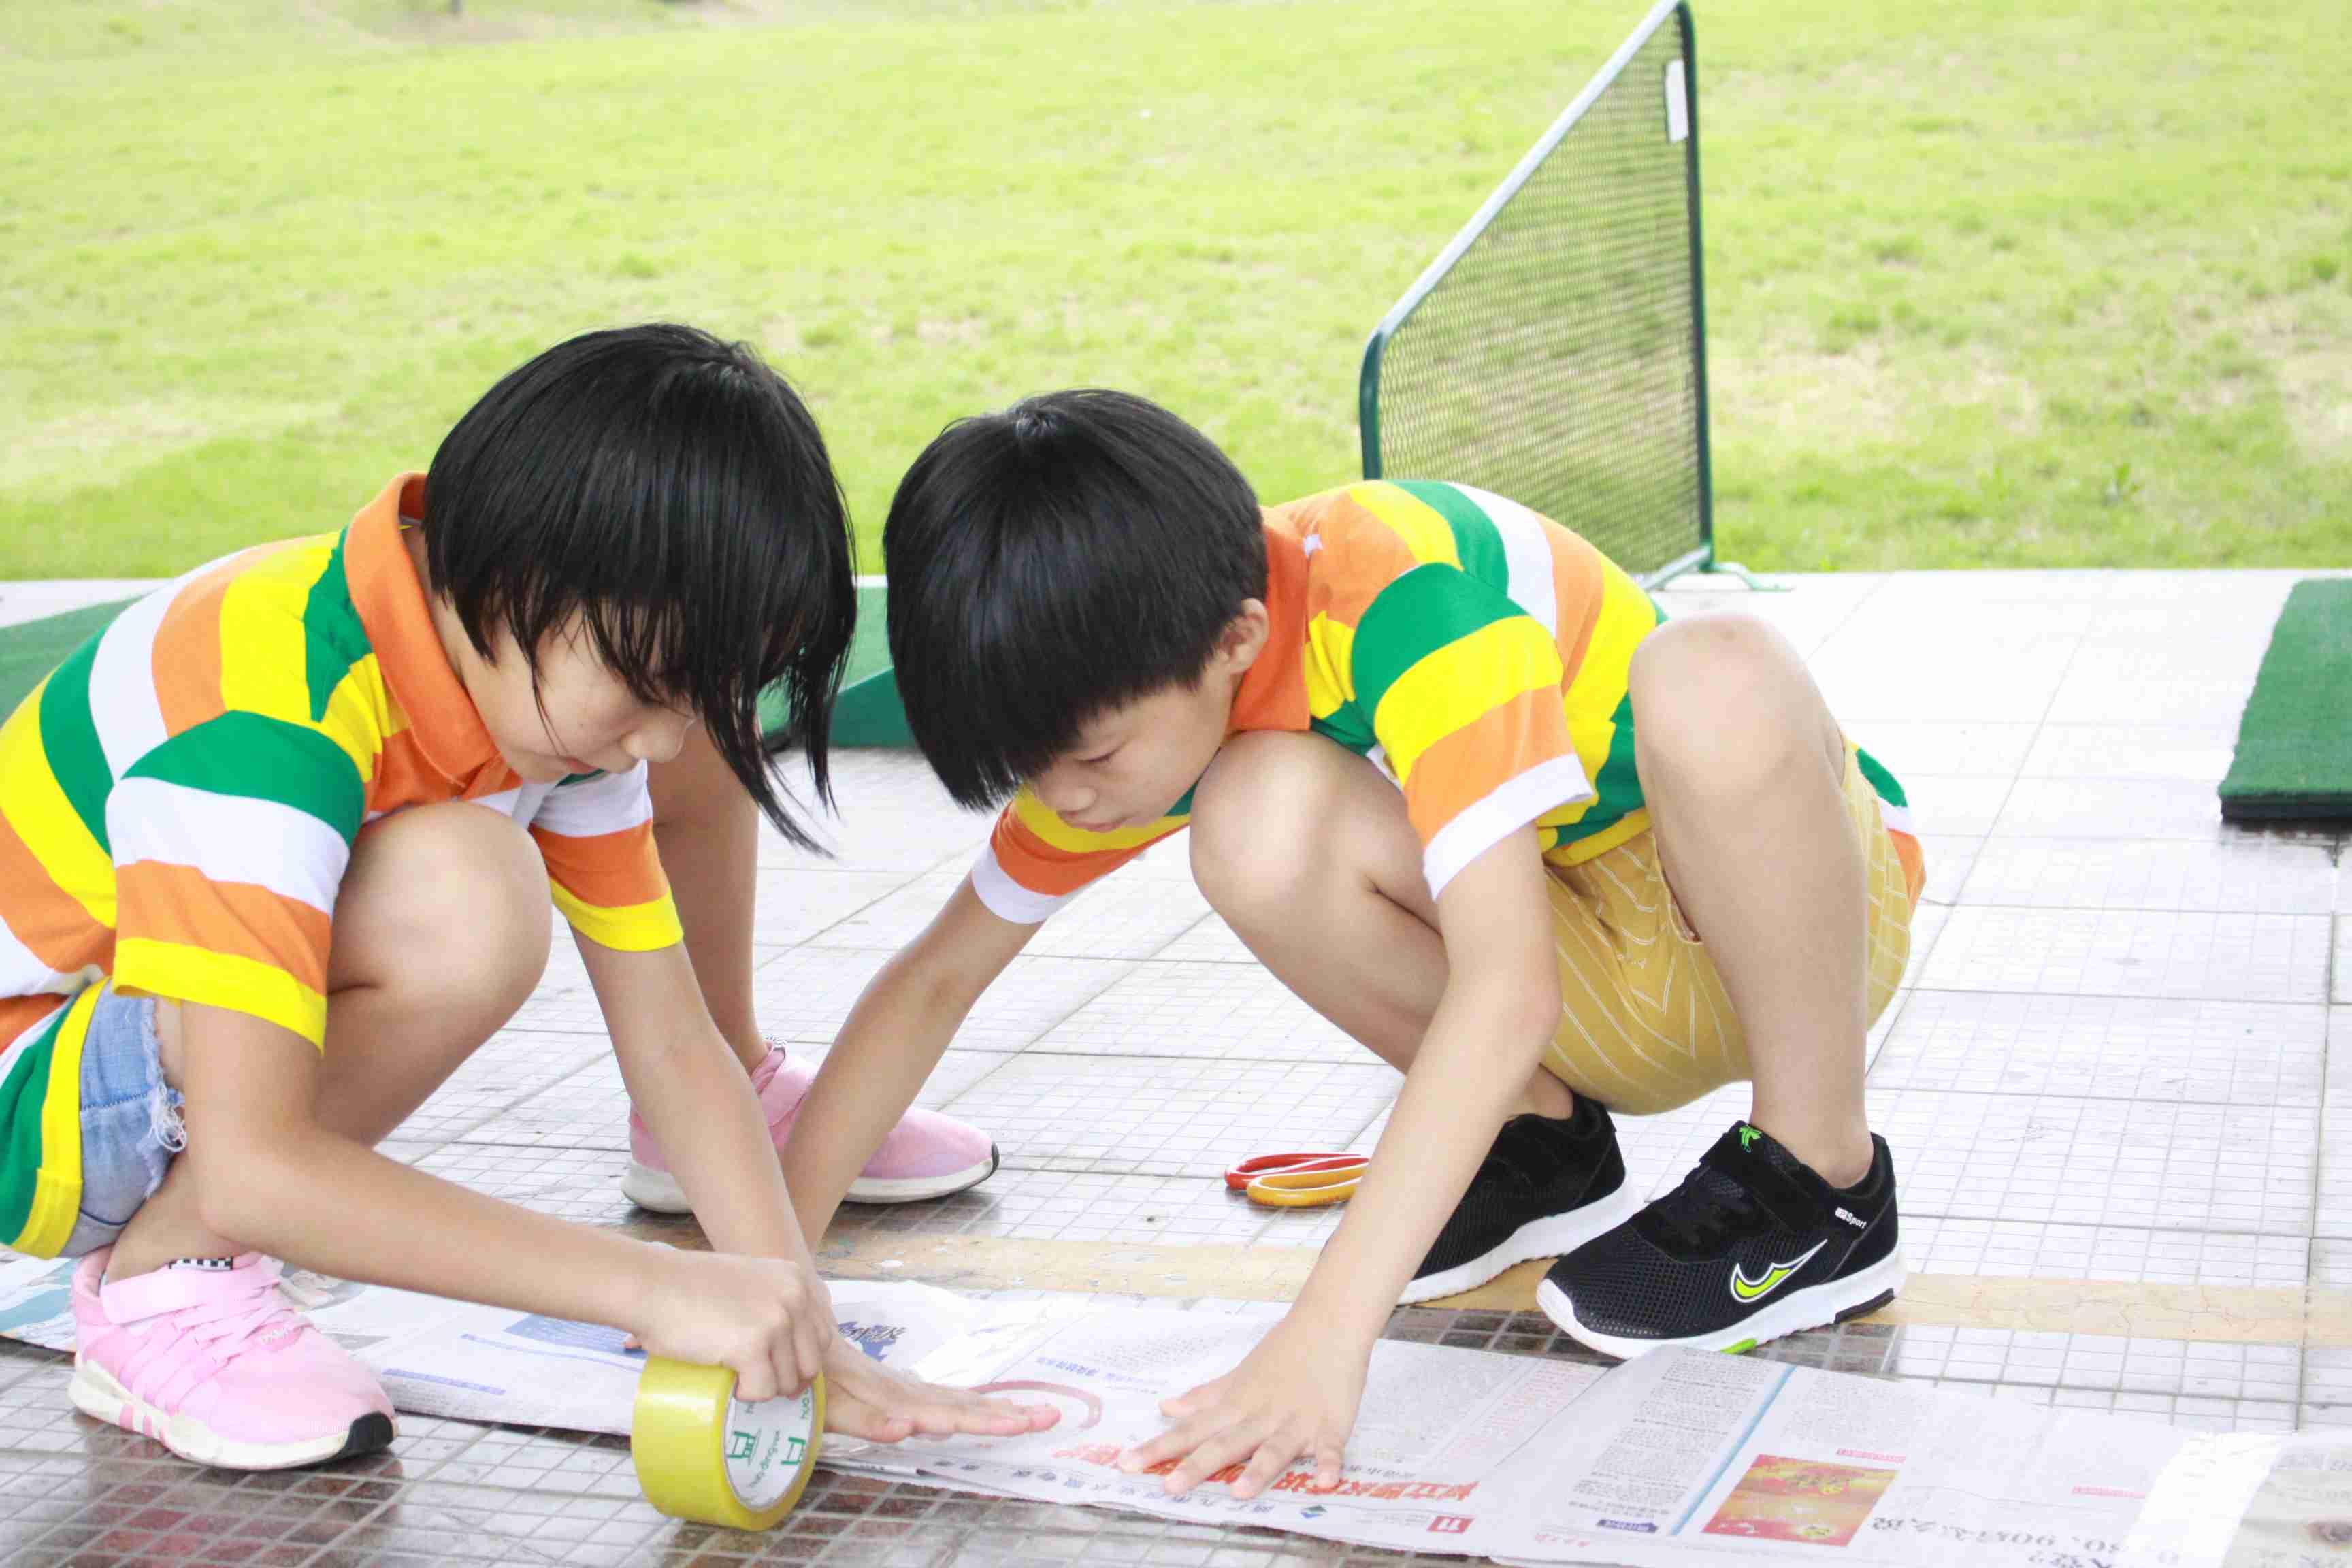 暑假肇庆夏令营和你一起锻炼